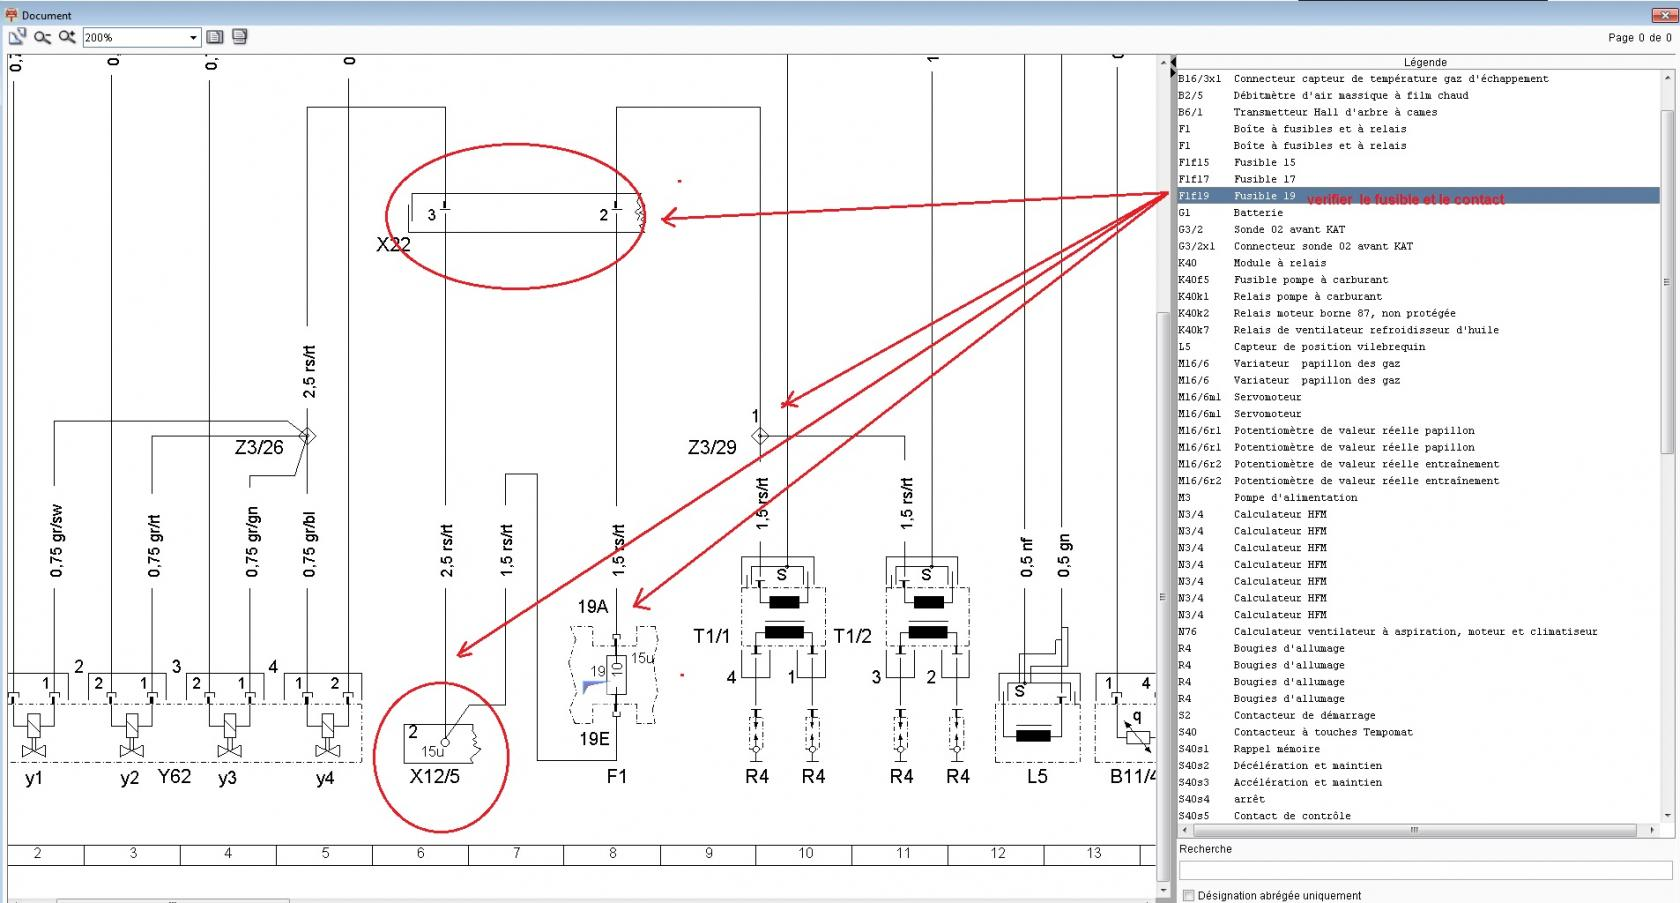 panne-electrique-1-wdb-2100351A922153.jpeg